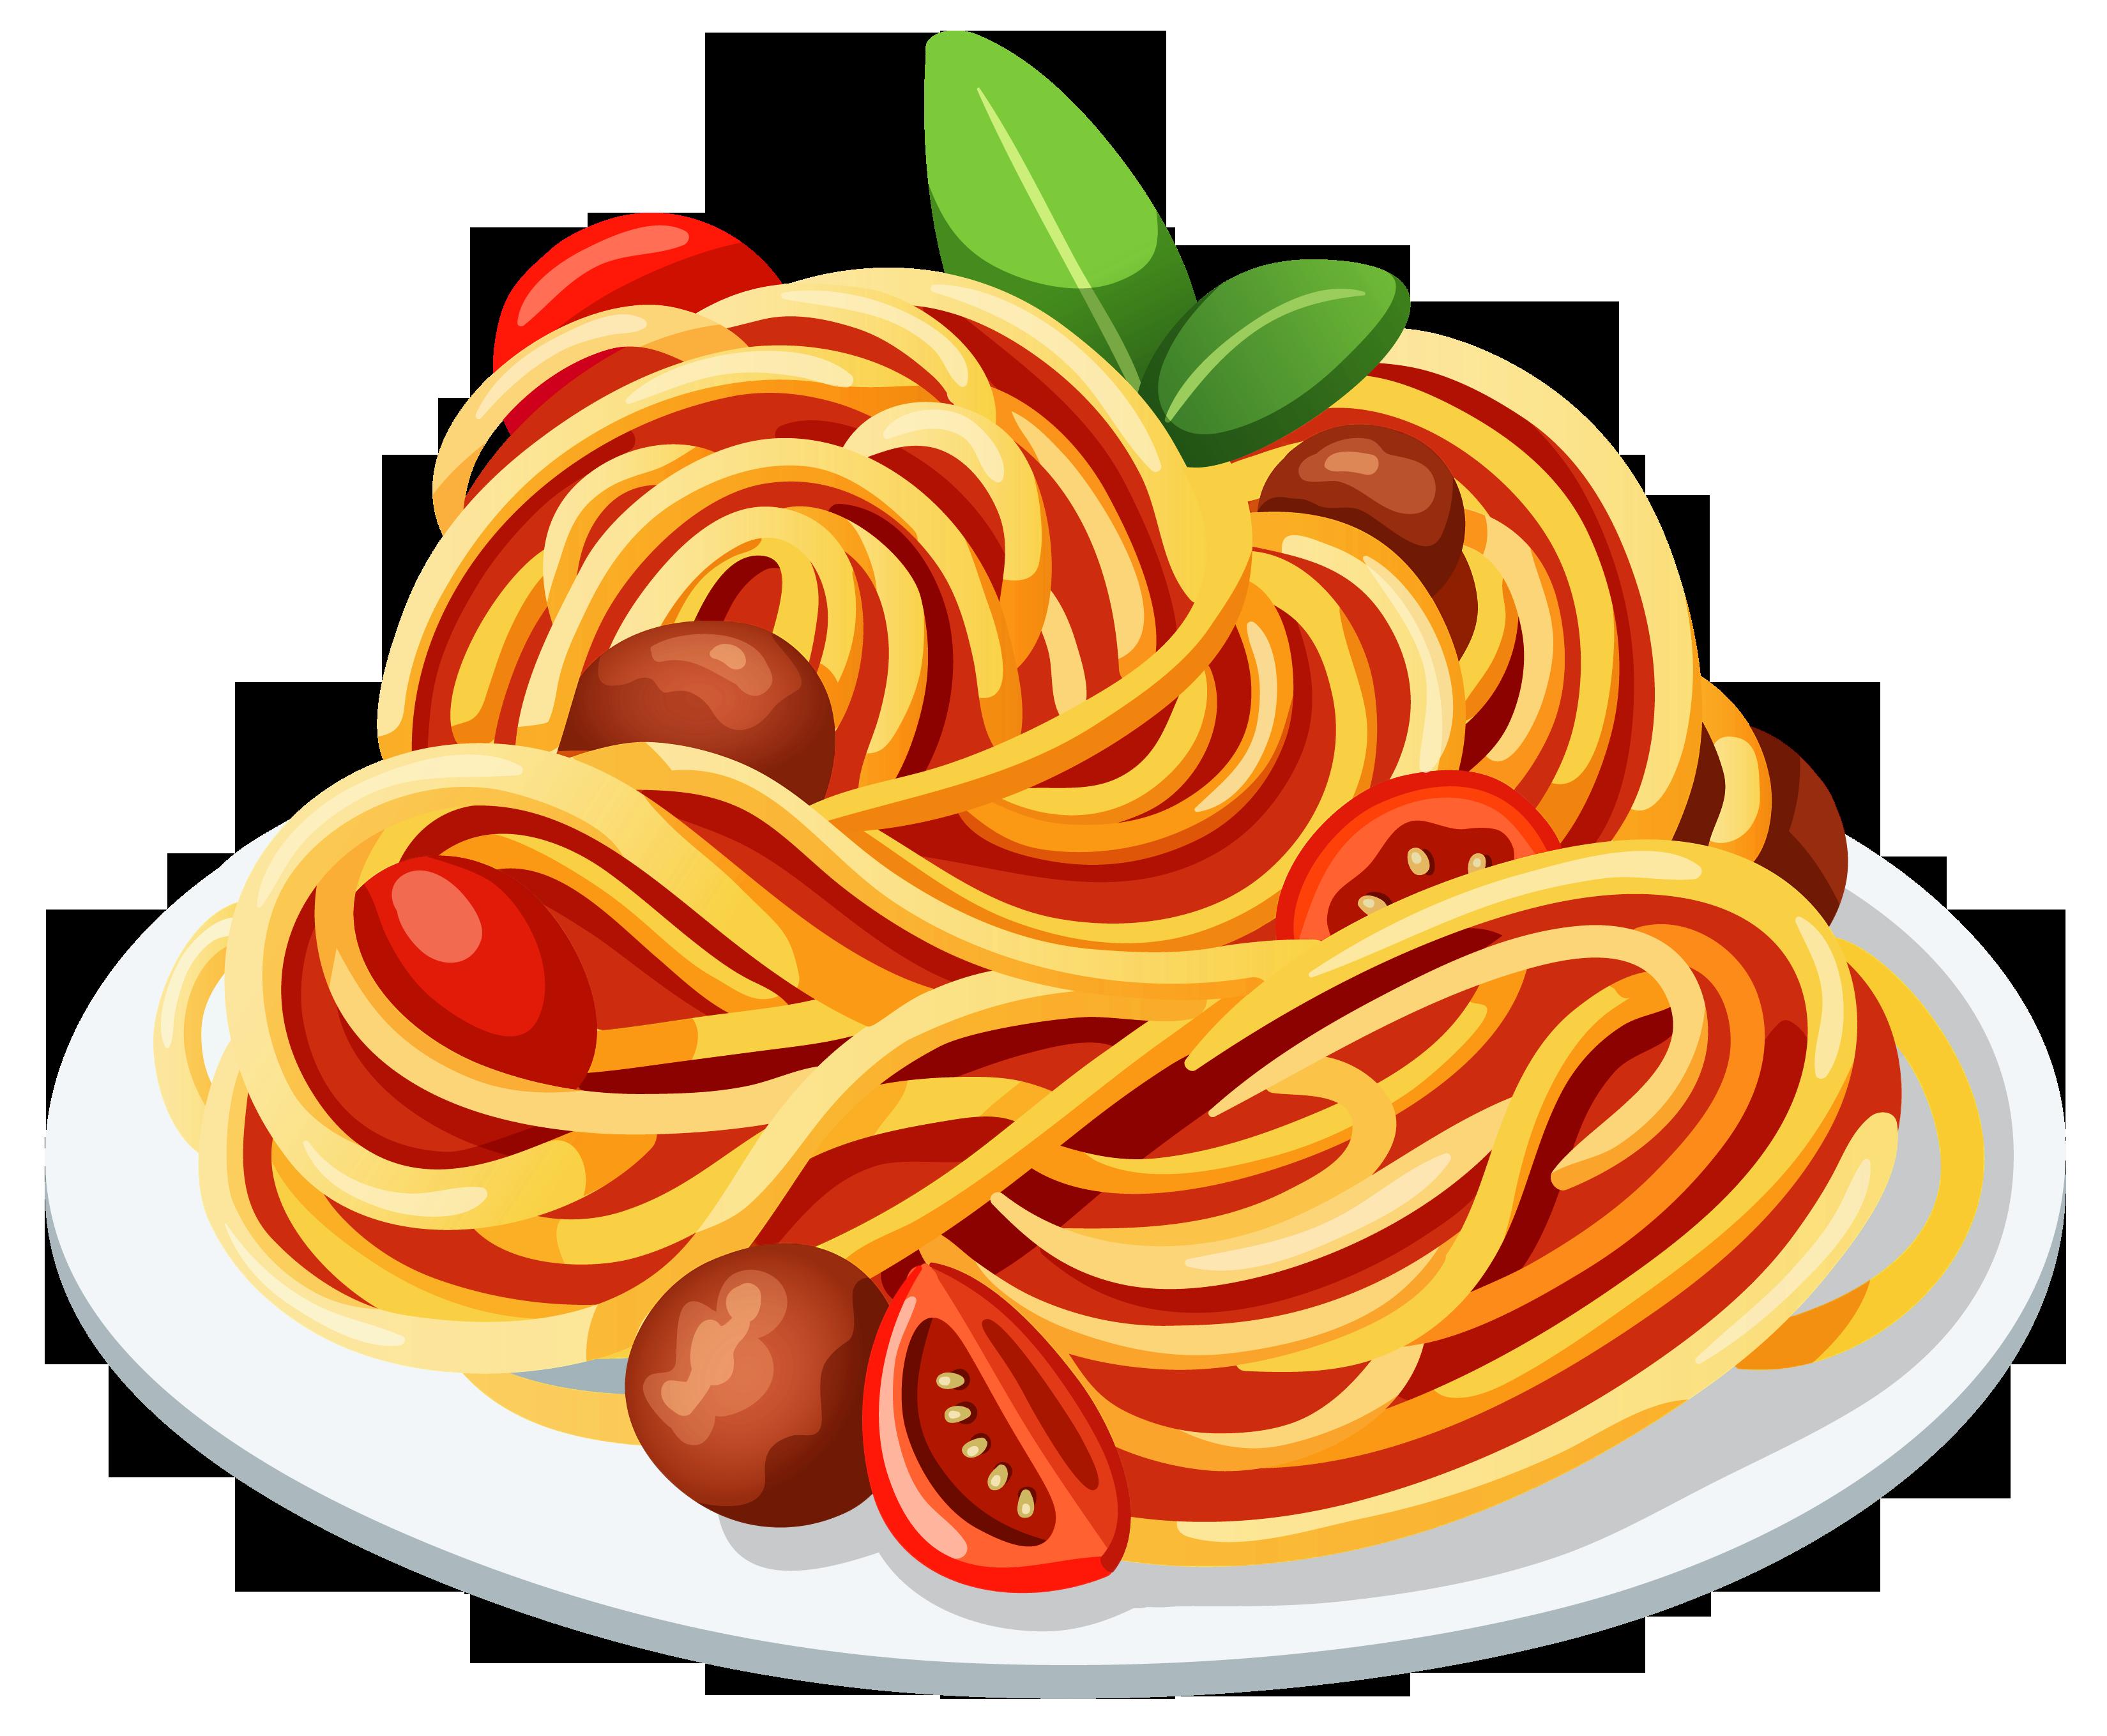 Spaghetti clipart. Pasta clip art free